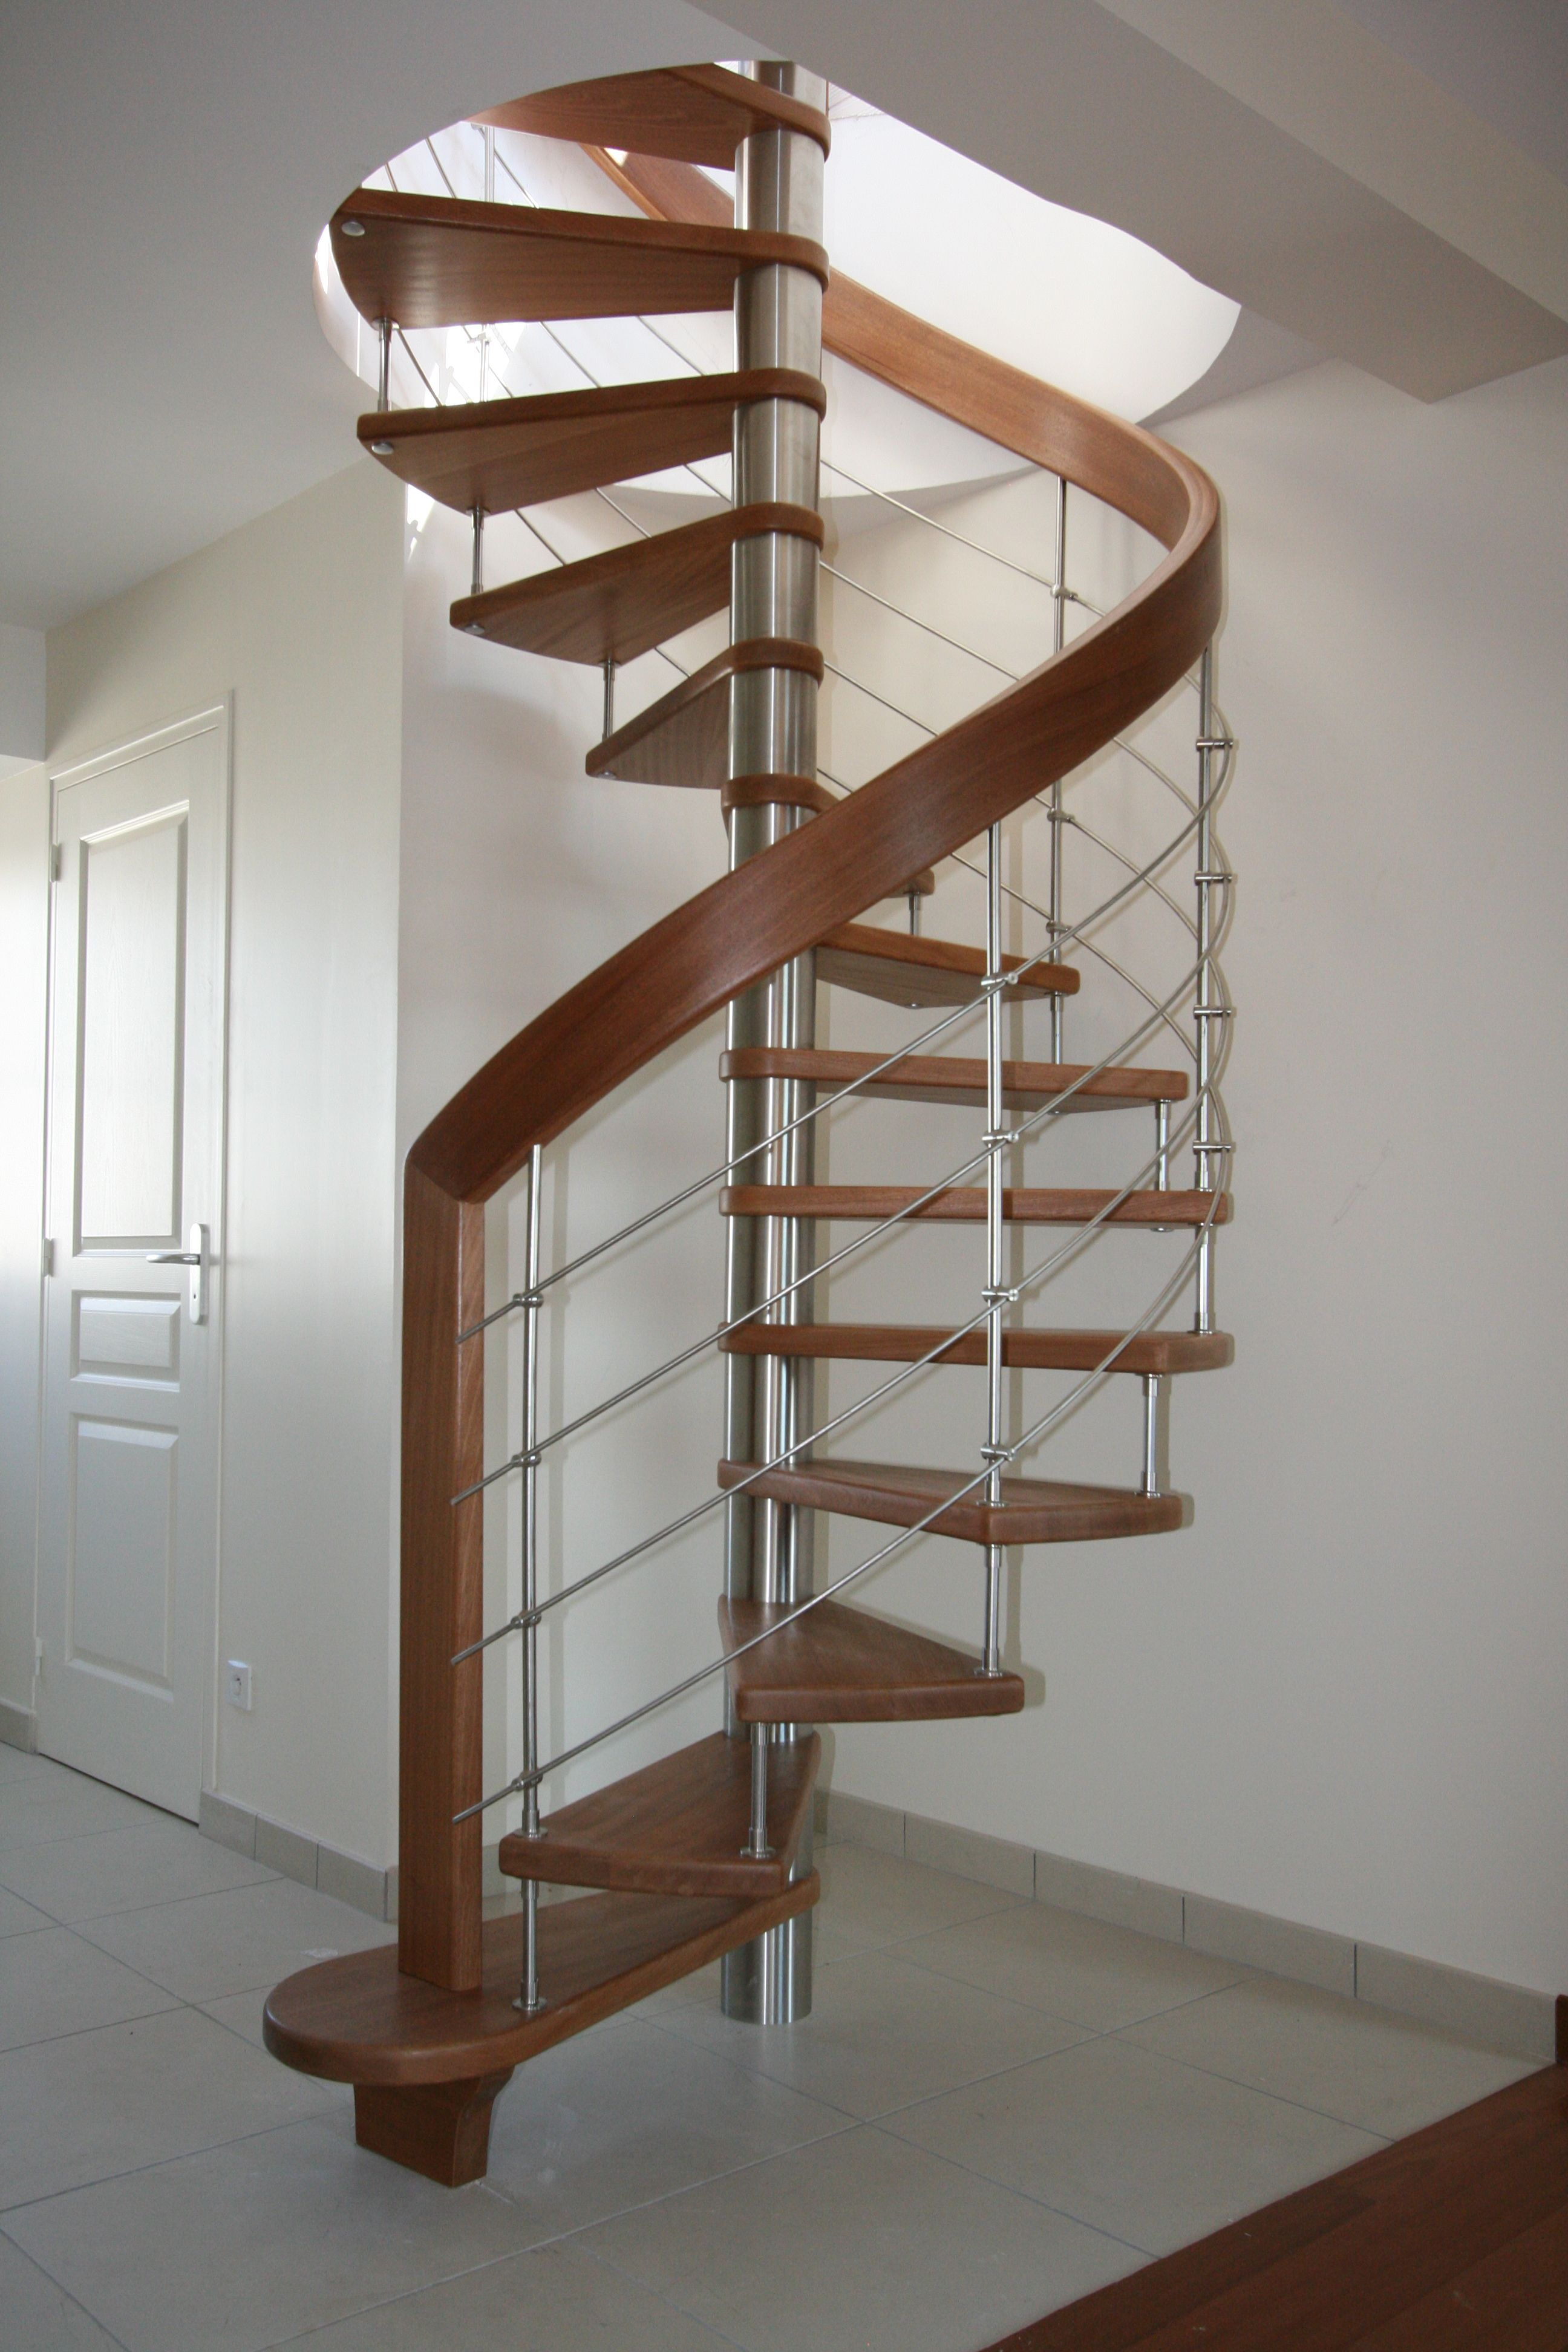 Passion Bois dedans passion bois vous présente sa gamme #escalier #courbe et